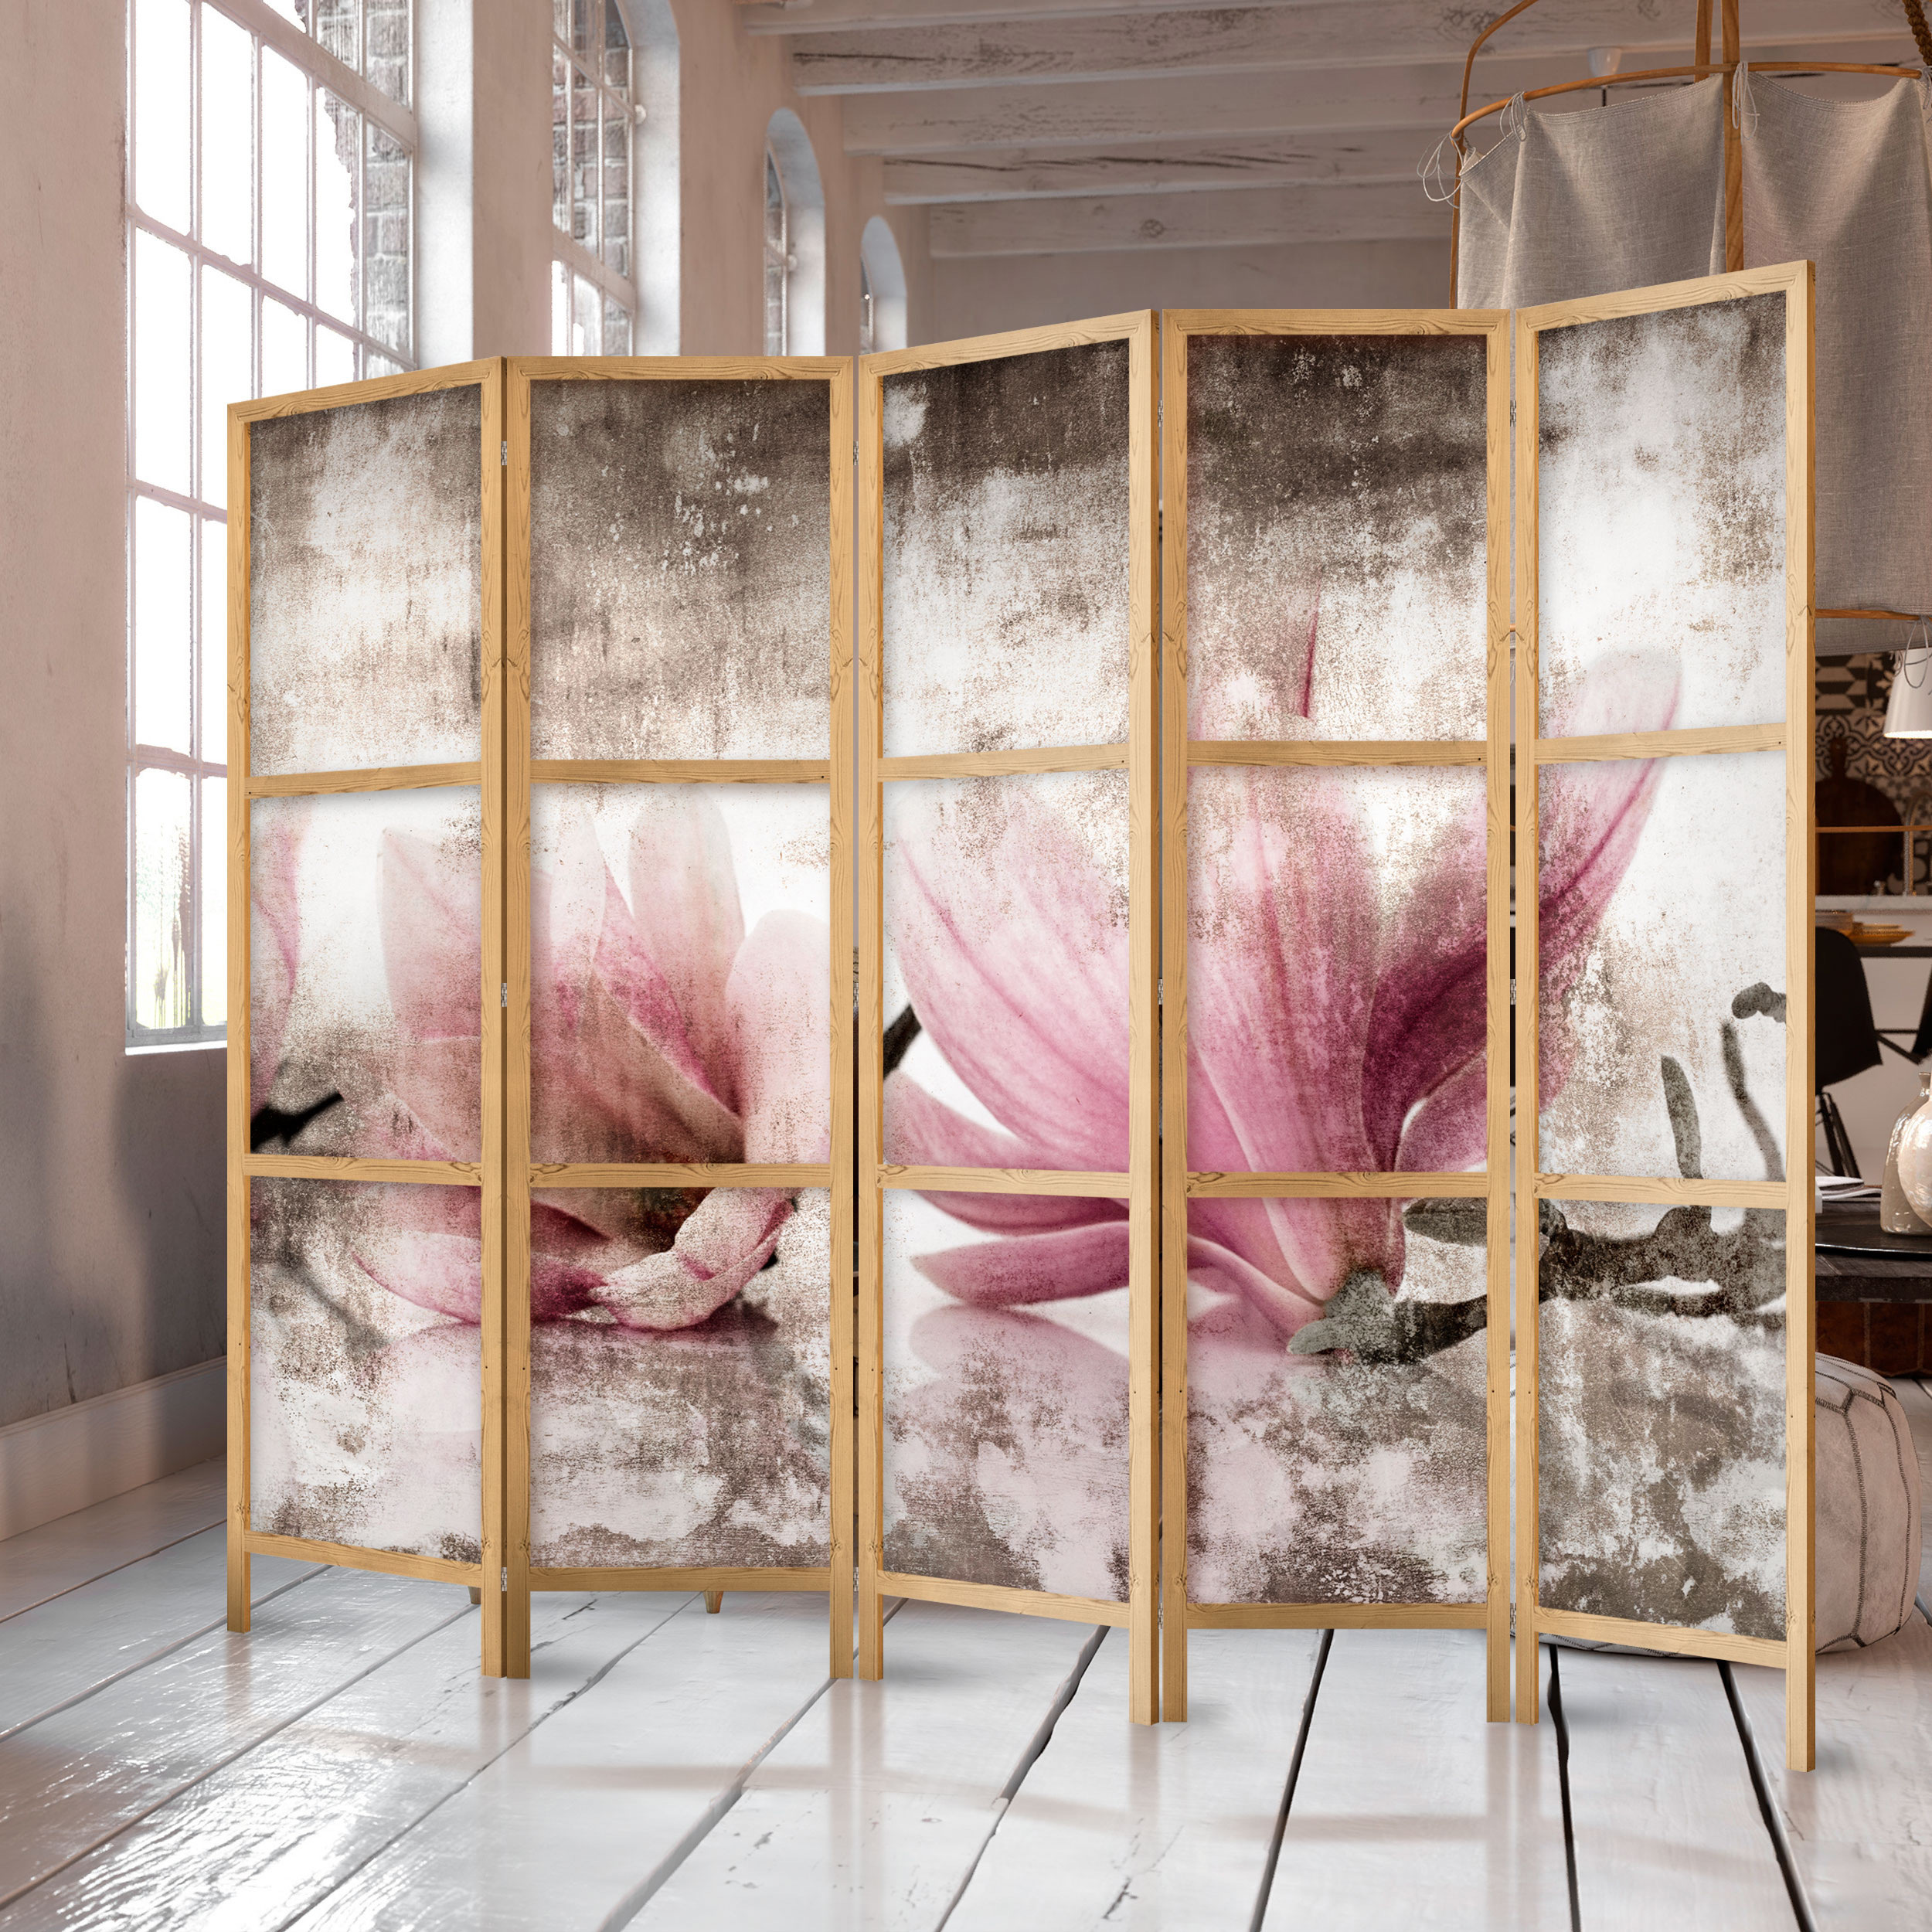 Full Size of Blumen Trennwand Raumteiler Paravent Spanische Wand Garten Pflanze Kräutergarten Küche Eckbank Pavillon Trampolin Kinderhaus Vertikal Spielgeräte Für Den Wohnzimmer Paravent Für Garten